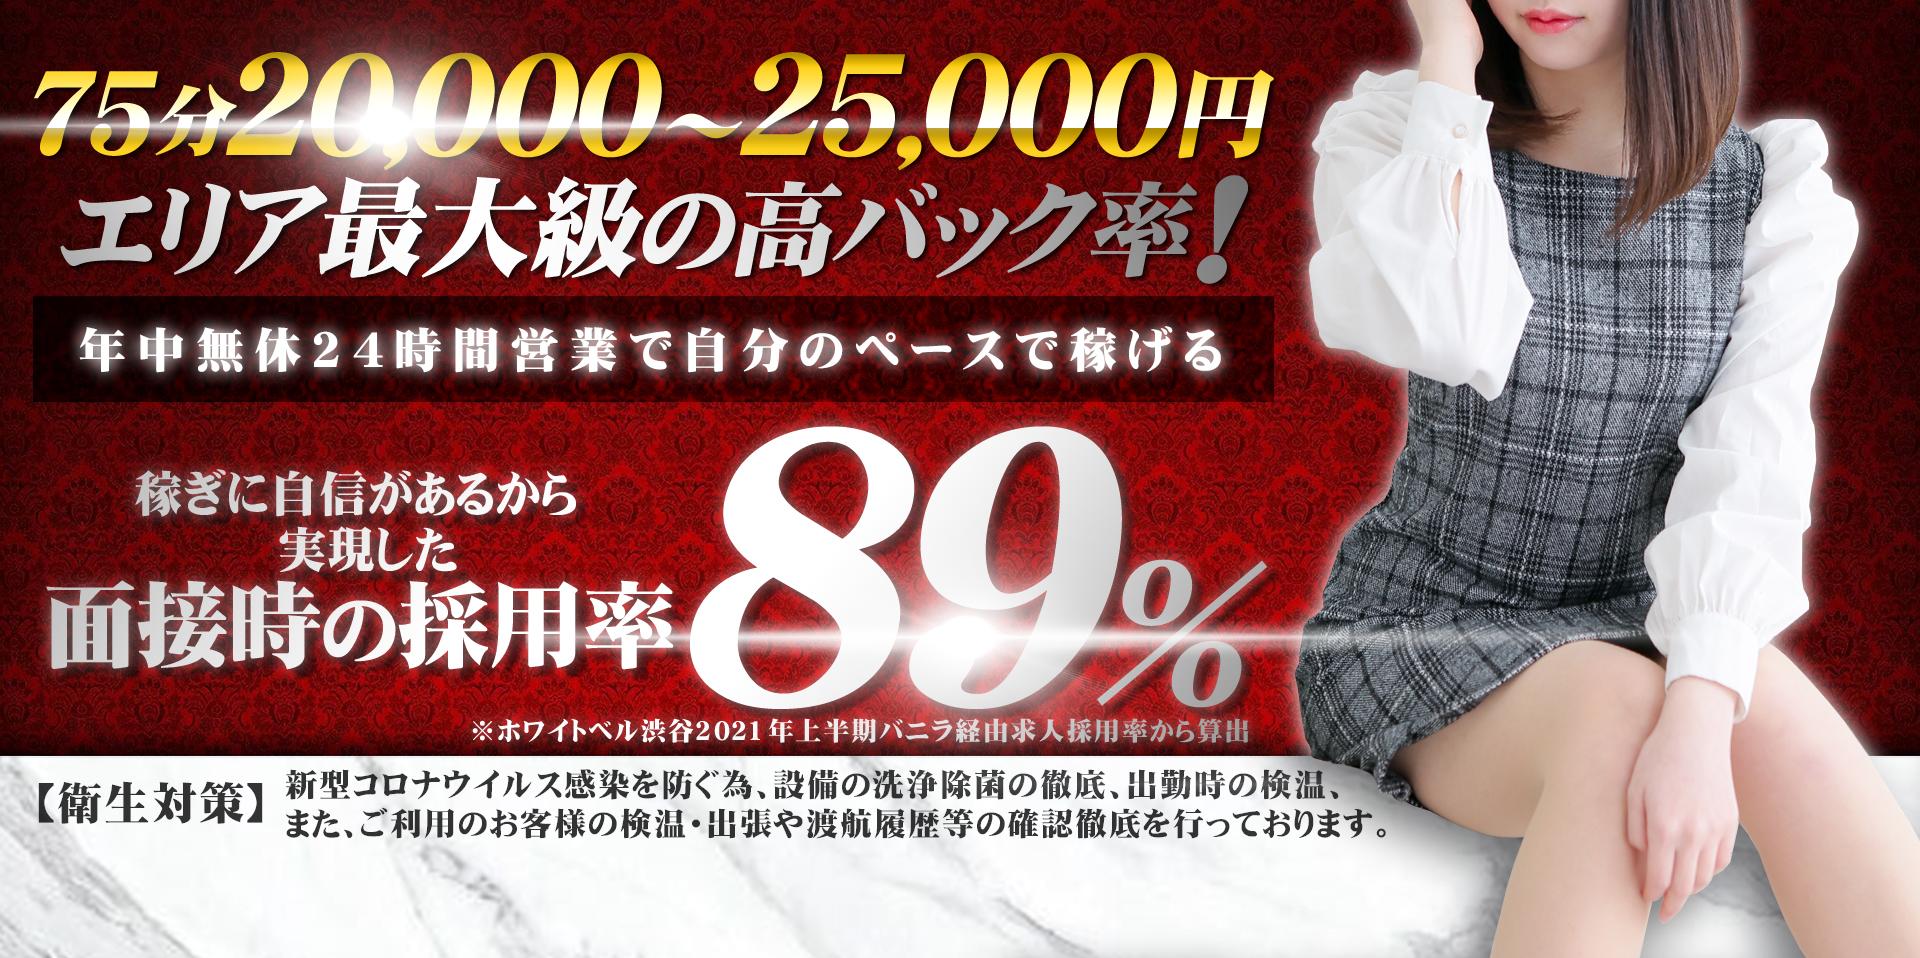 ホワイトベル渋谷の求人画像